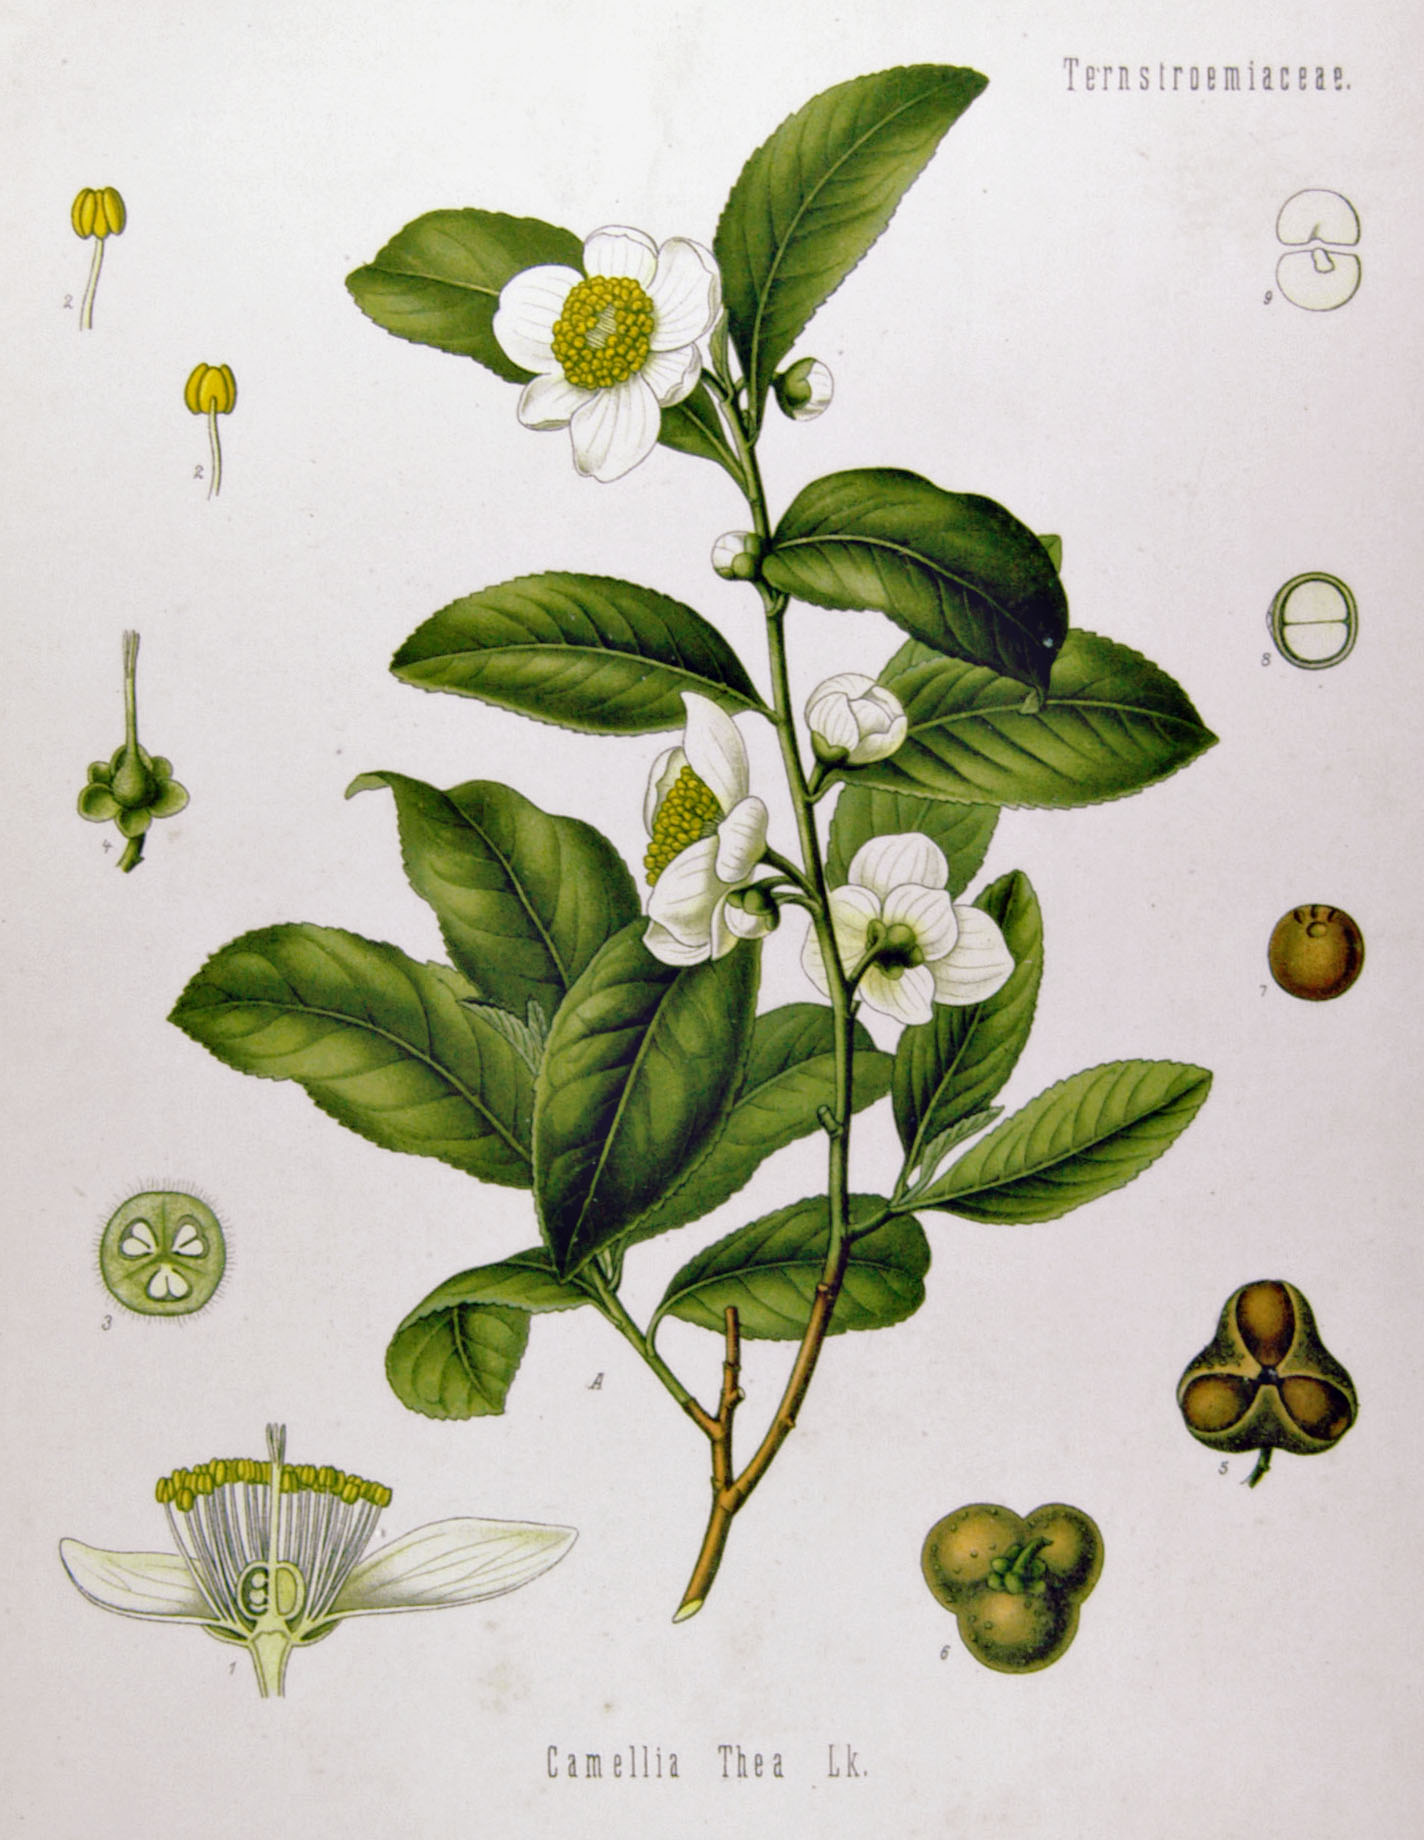 [Camellia sinensis]